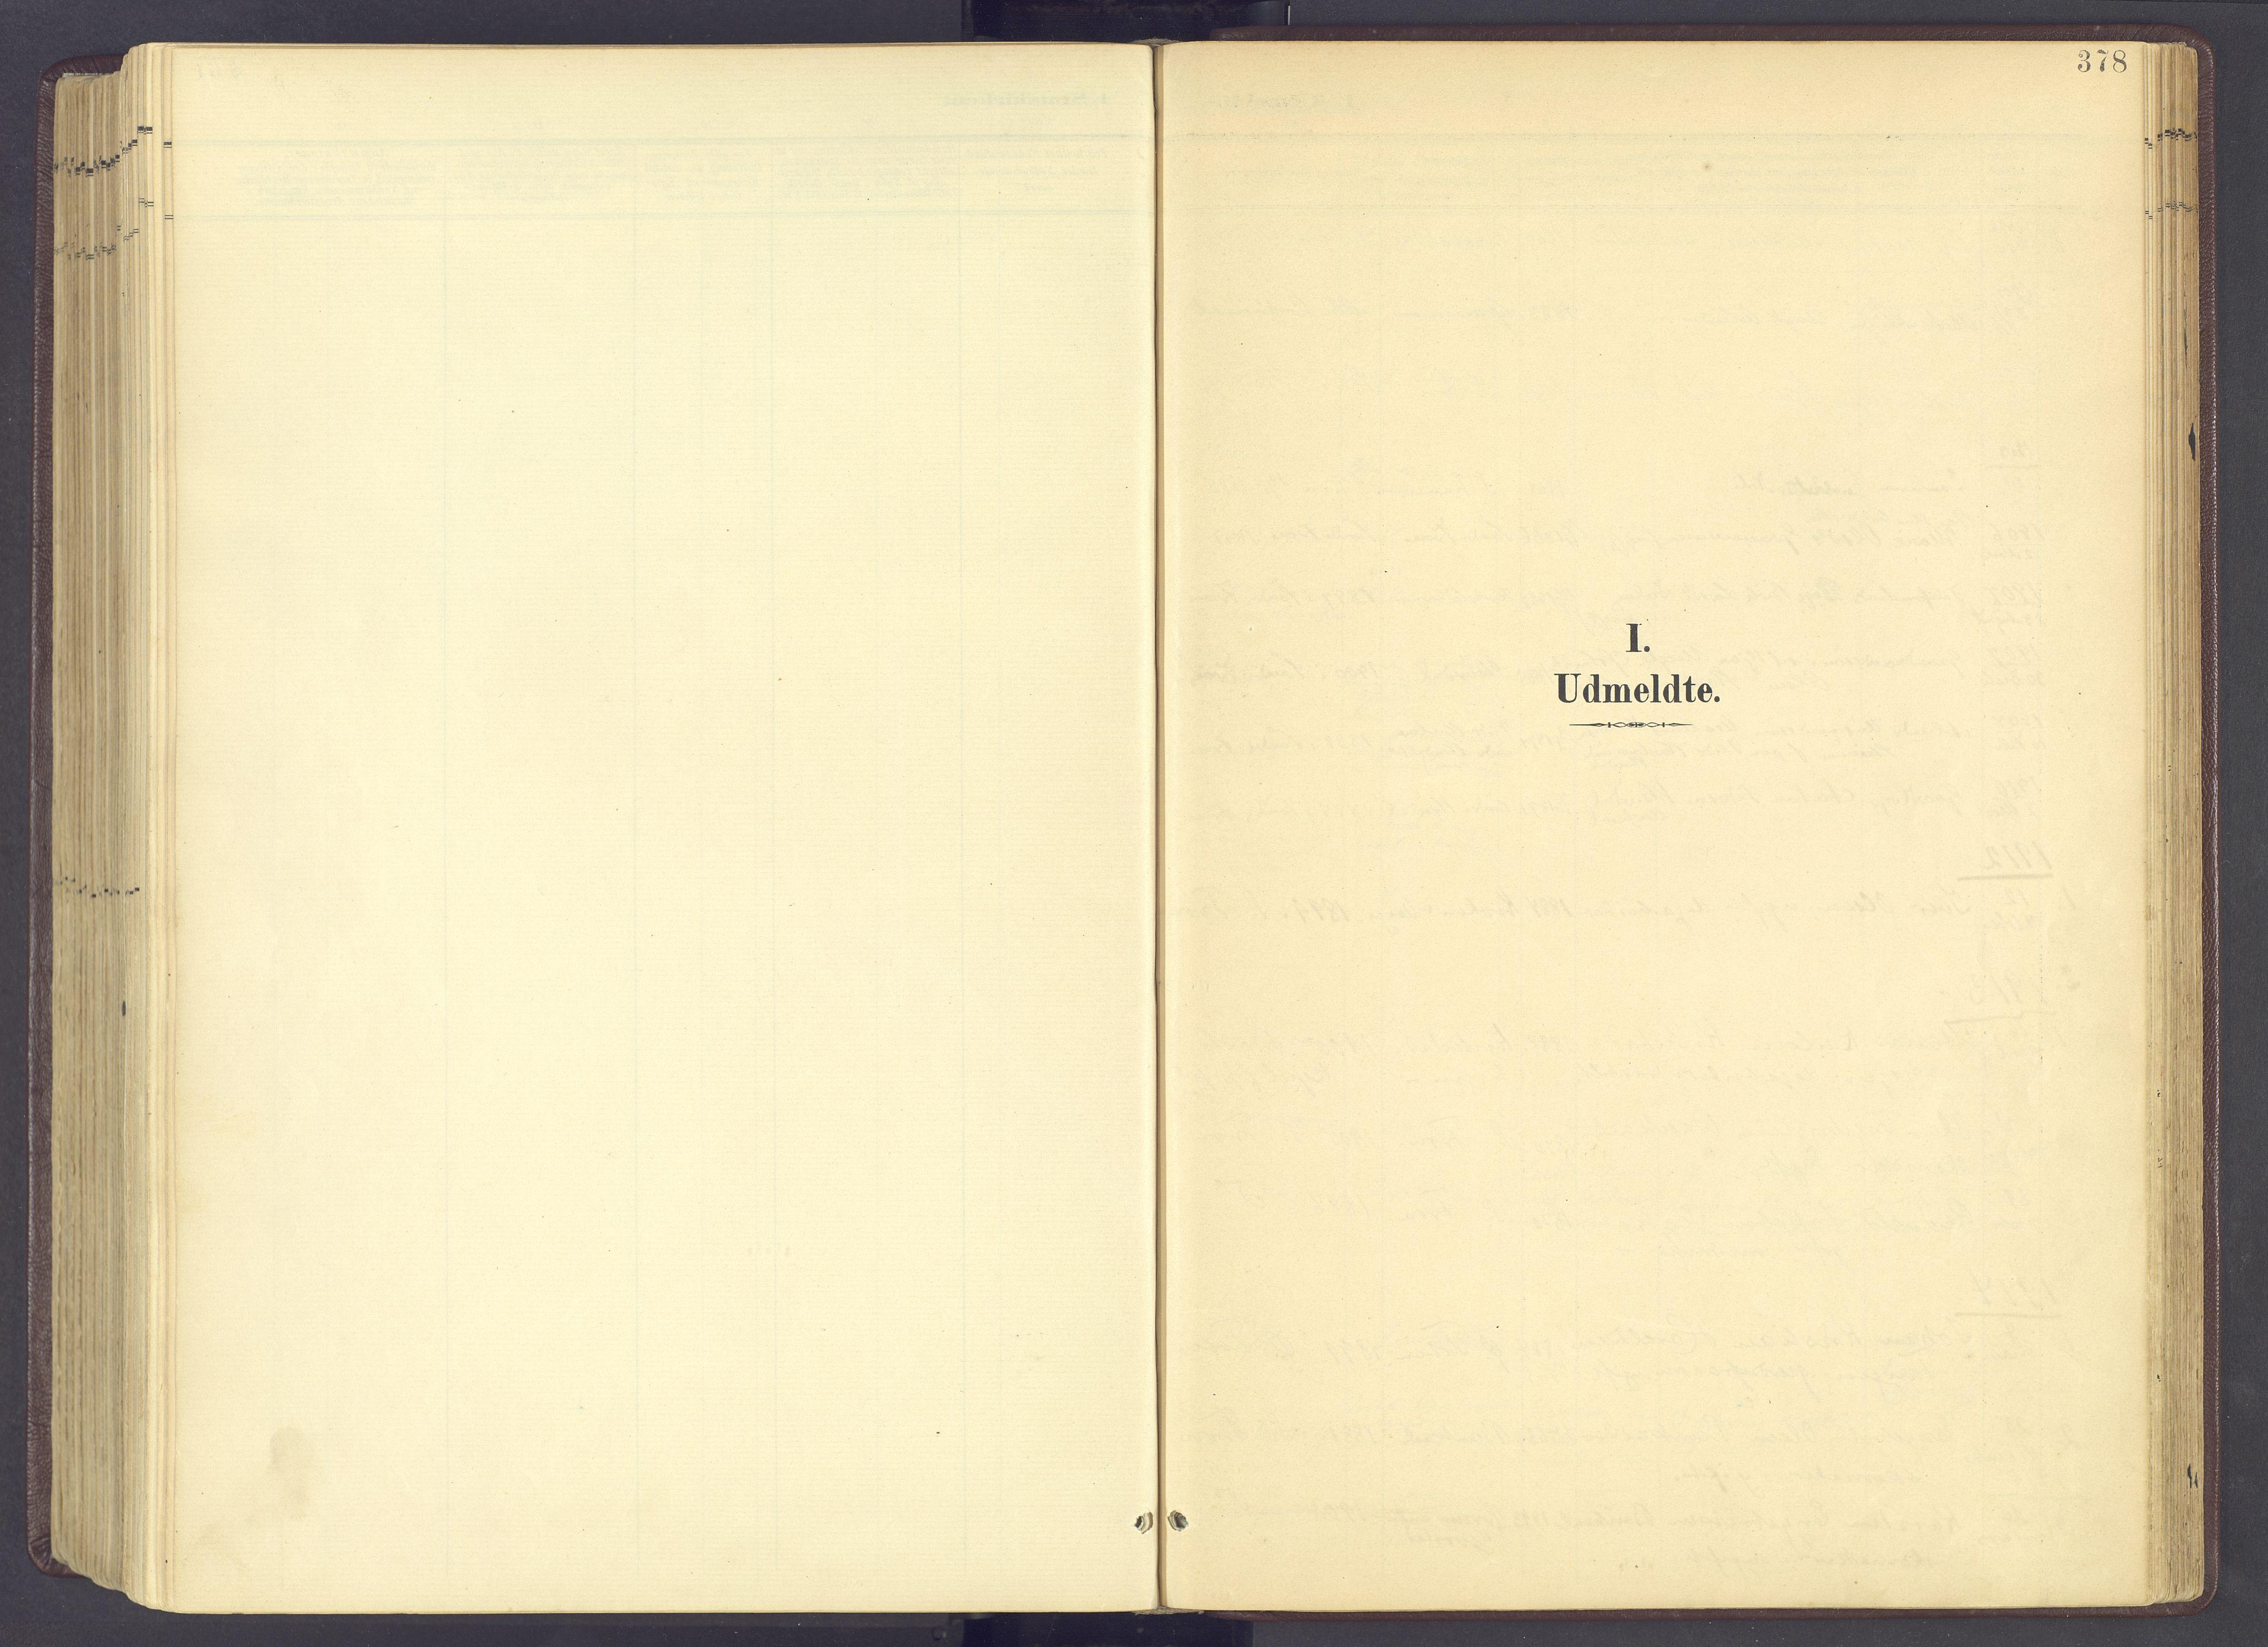 SAH, Sør-Fron prestekontor, H/Ha/Haa/L0004: Ministerialbok nr. 4, 1898-1919, s. 378